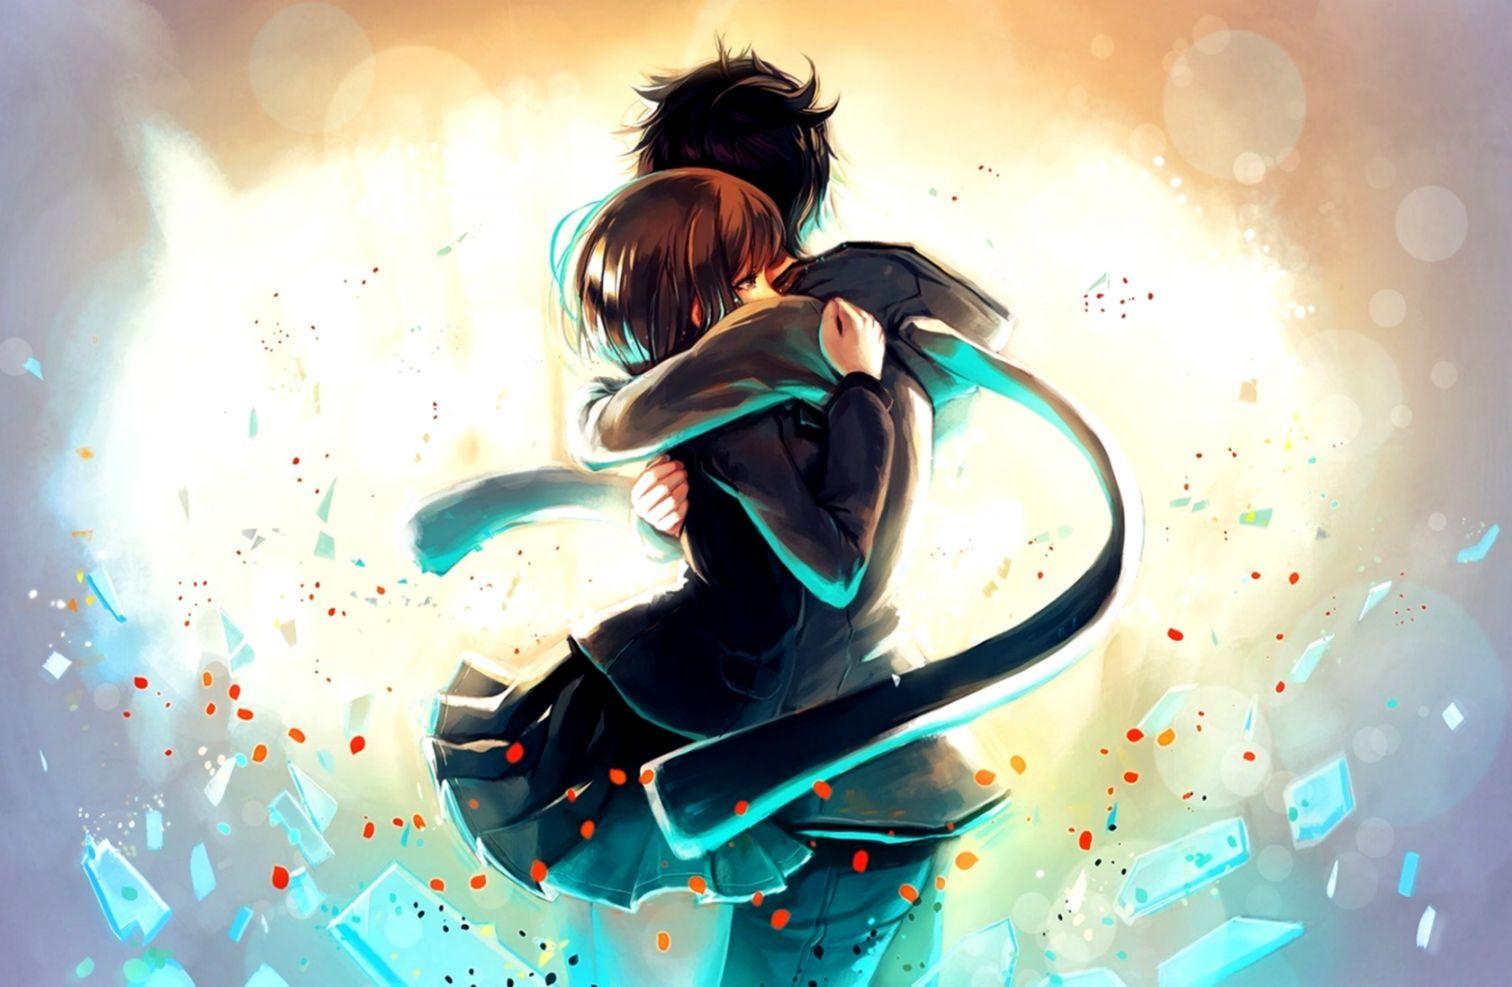 Art Couple Hug Love Happy Manga Anime Love Cute Wallpaper Couple Anime Wallpaper Hd 1512x987 Wallpaper Teahub Io